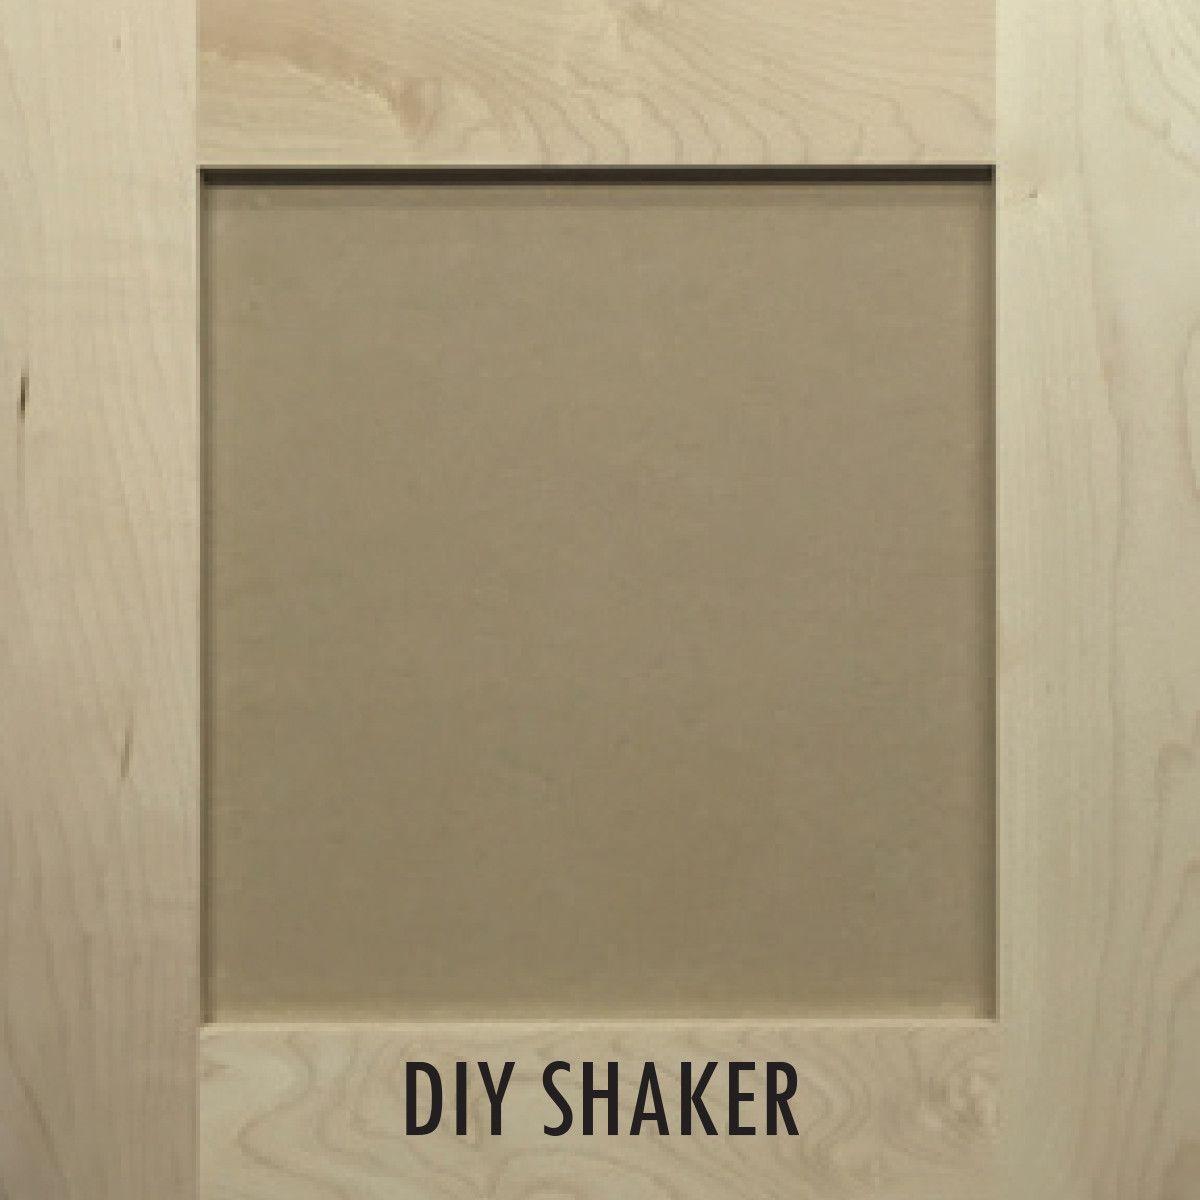 Diy shaker diy doors diy door diy